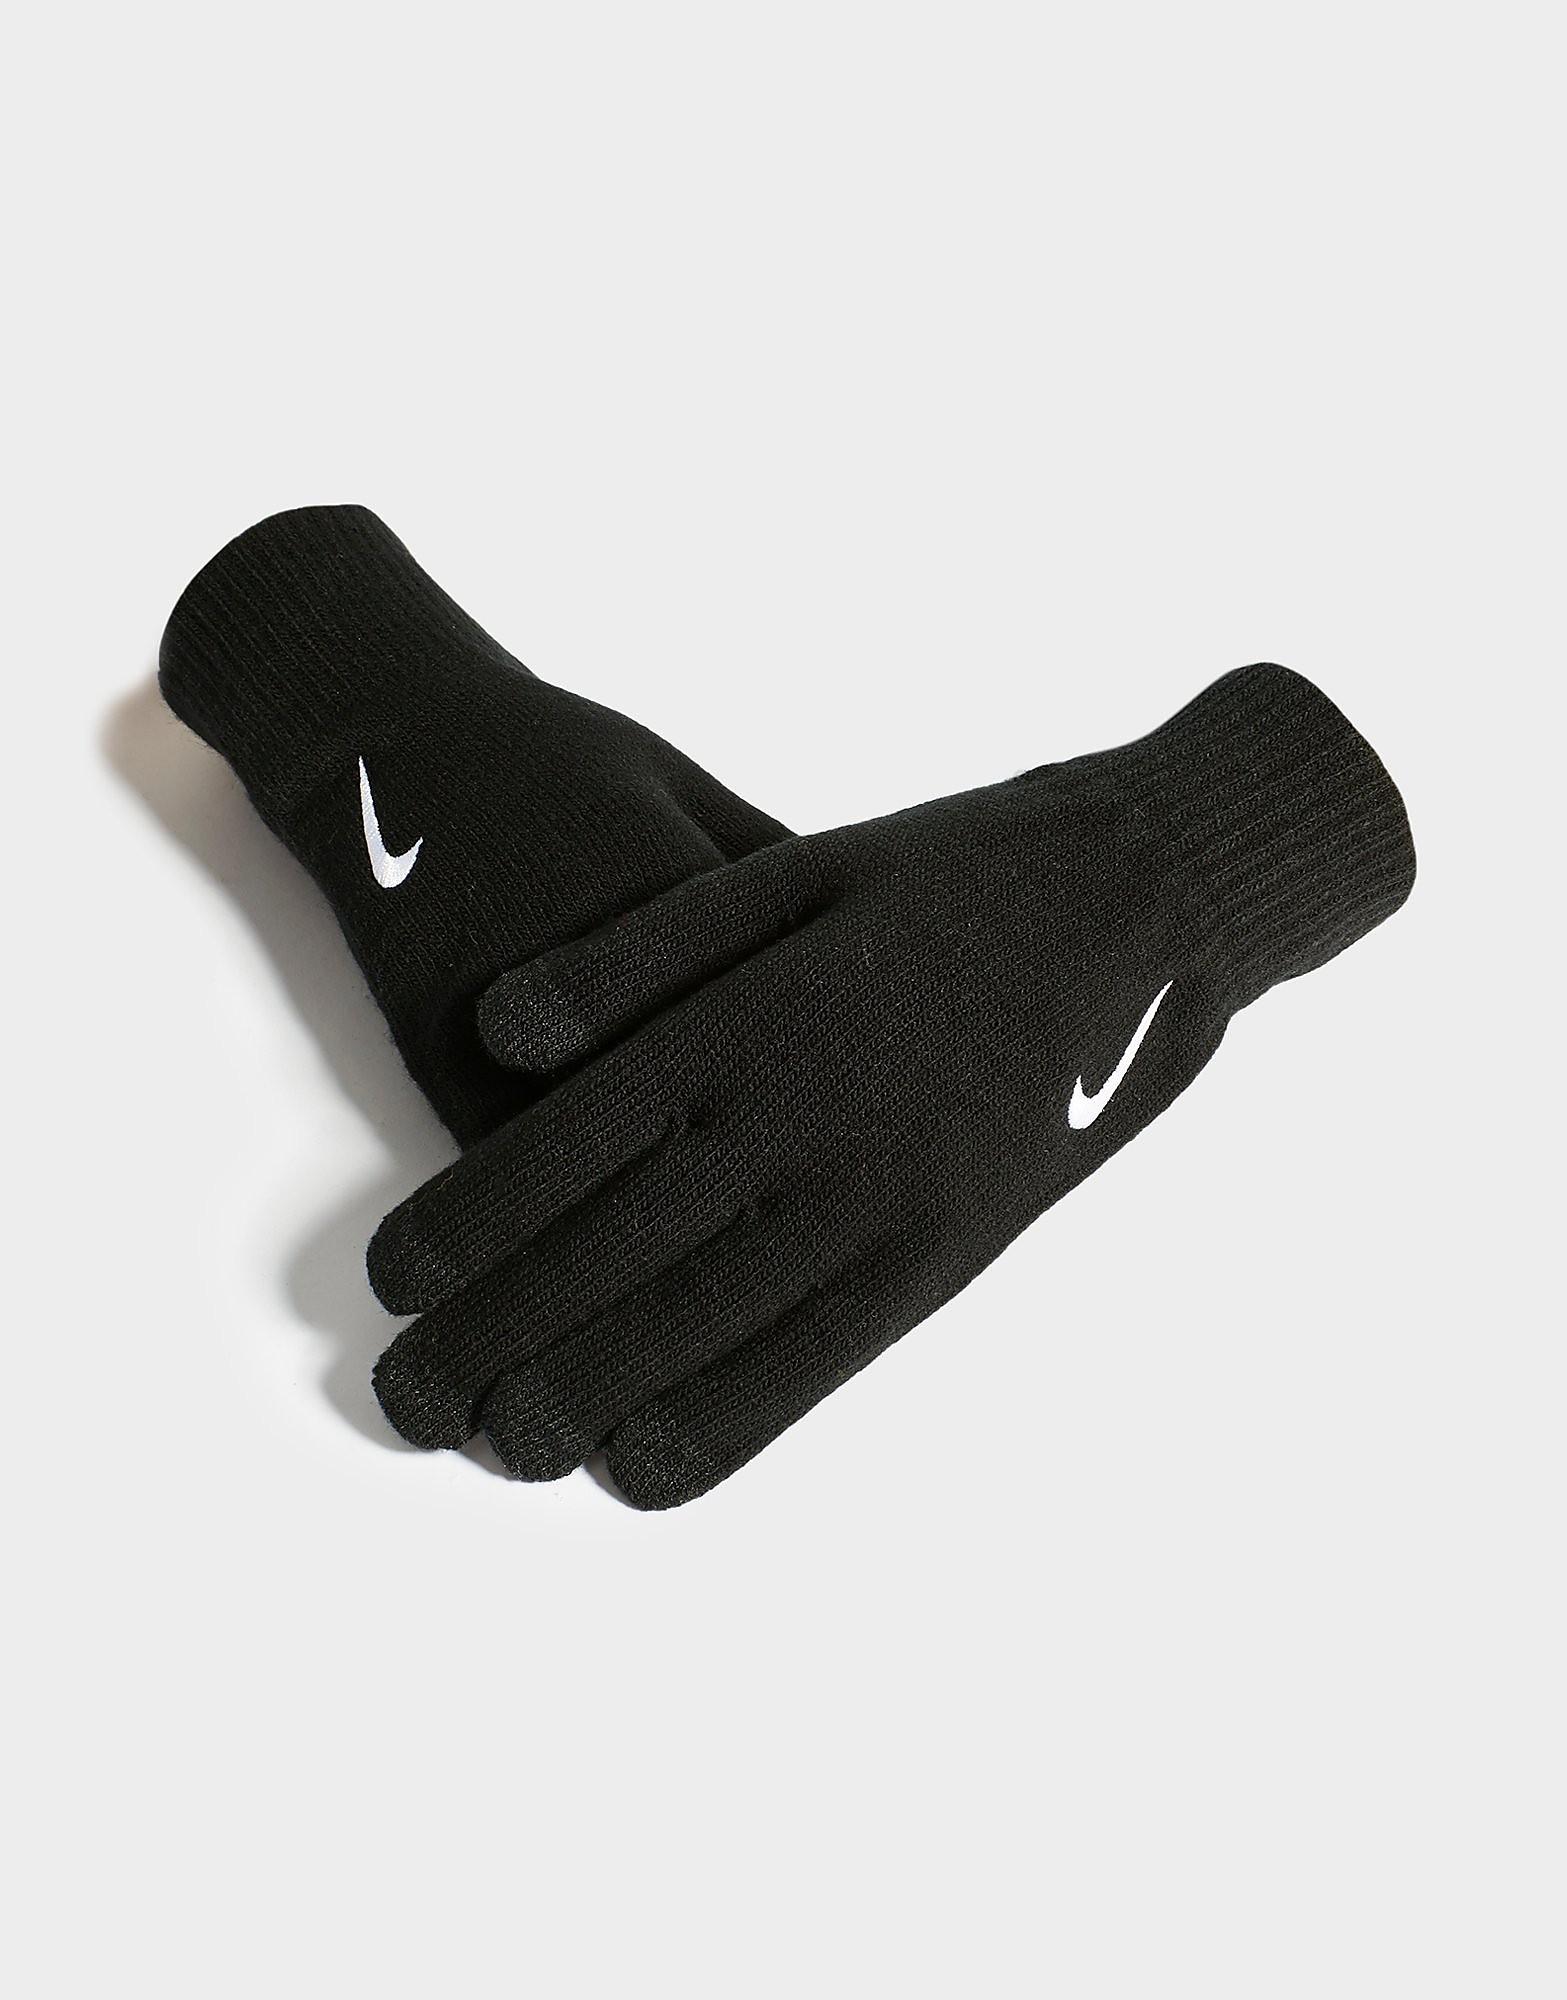 Nike Strickhandschuhe